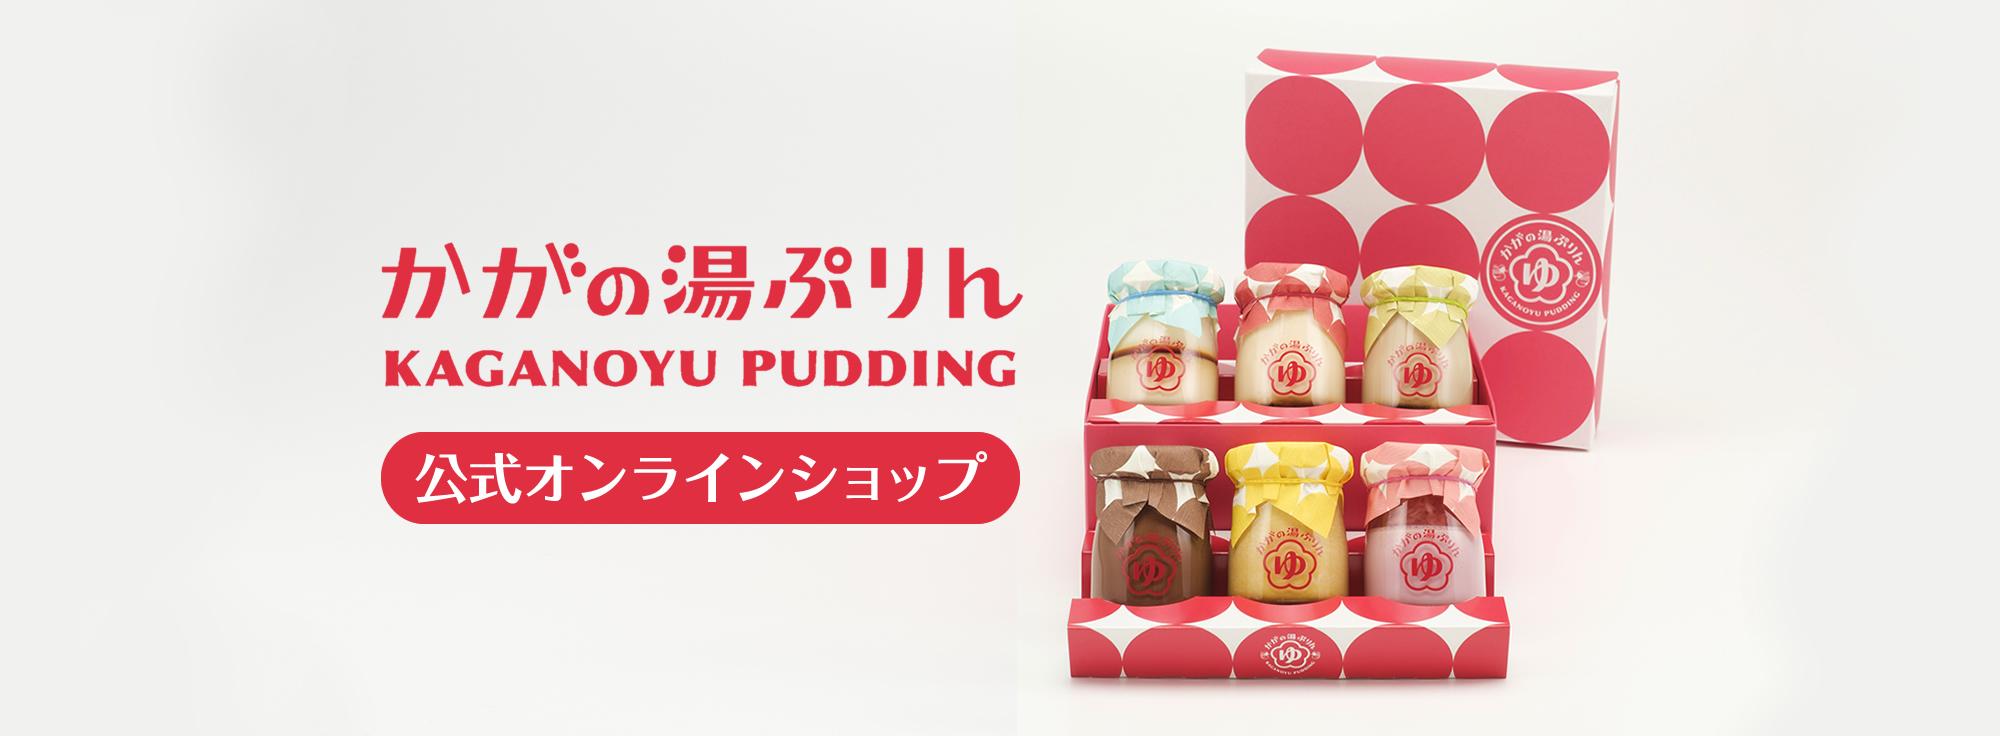 かがの湯ぷりん公式オンラインショップ